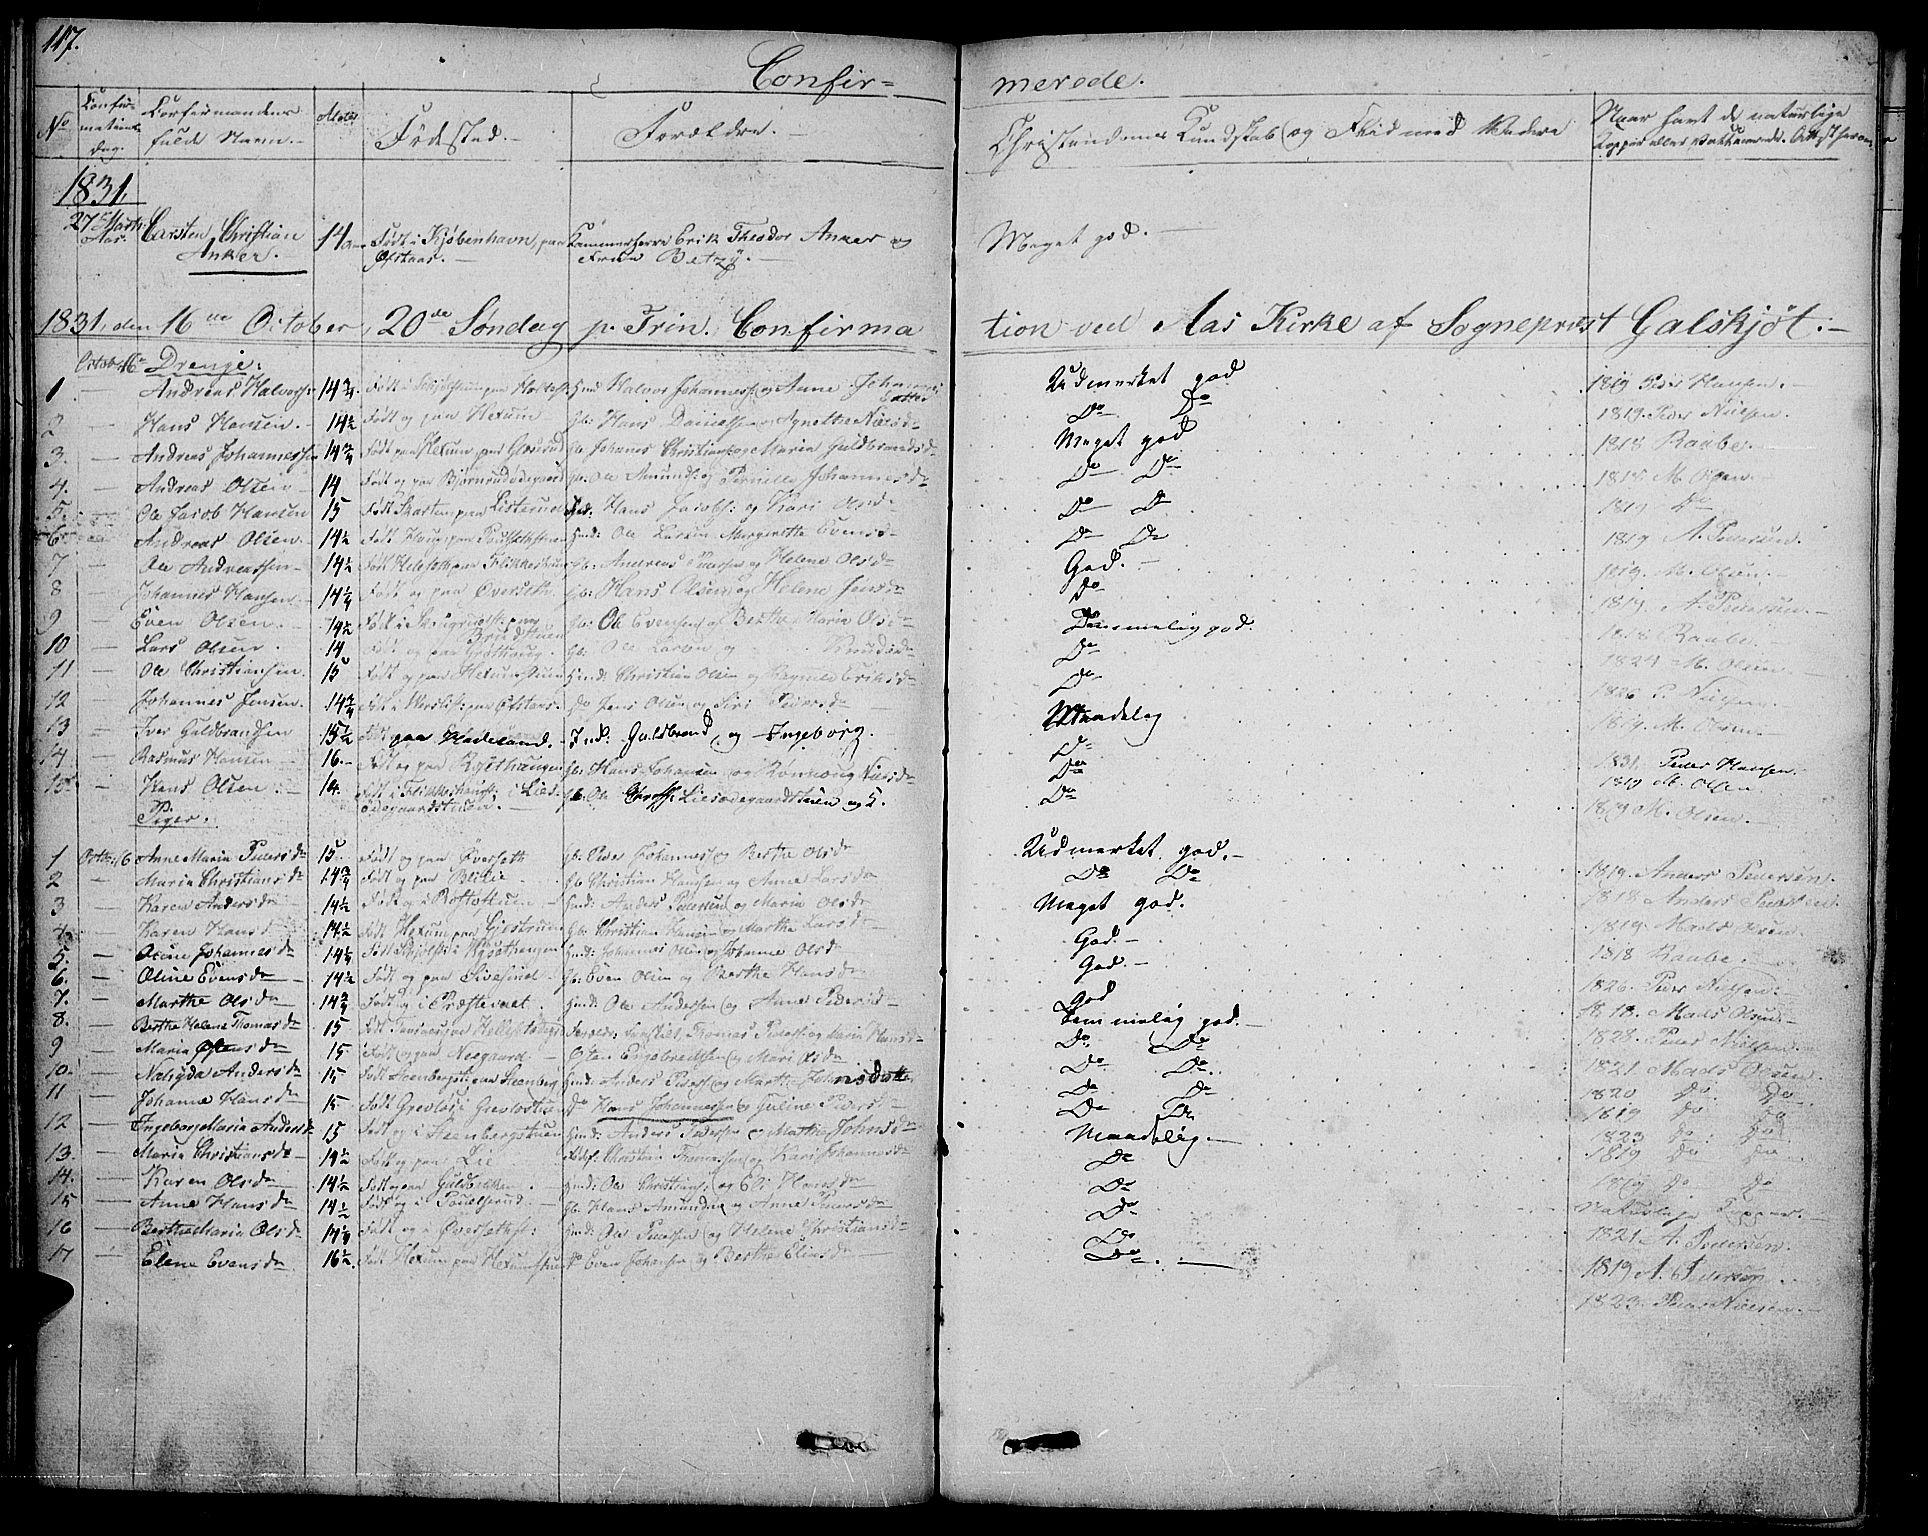 SAH, Vestre Toten prestekontor, Ministerialbok nr. 2, 1825-1837, s. 117